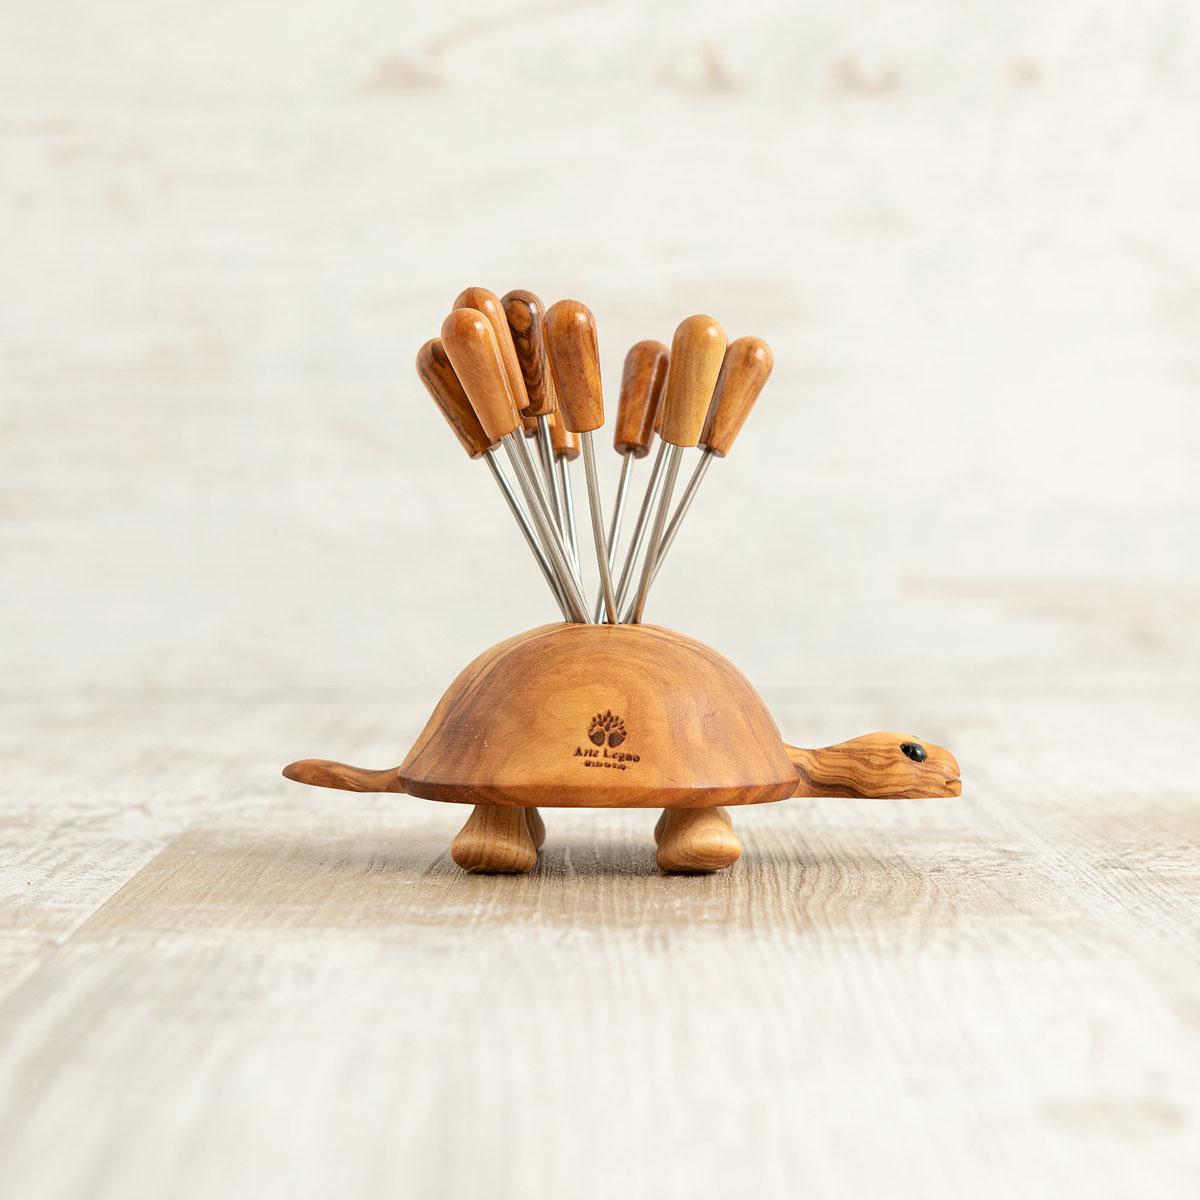 Tartaruga in legno di ulivo porta forchettine | Arte Legno